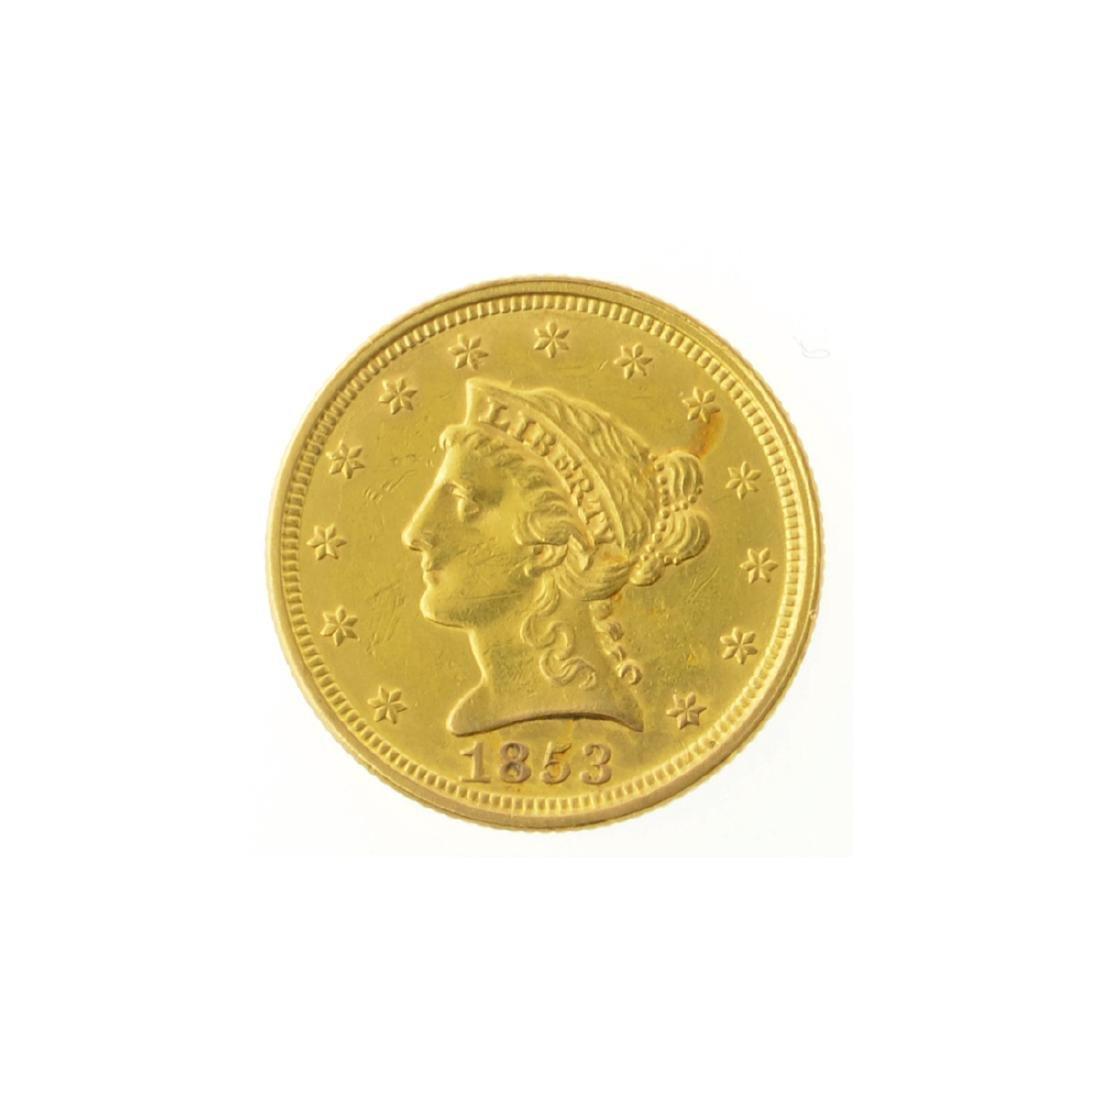 *1853 $2.50 U.S. Liberty Head Gold Coin (JG-JWJ)